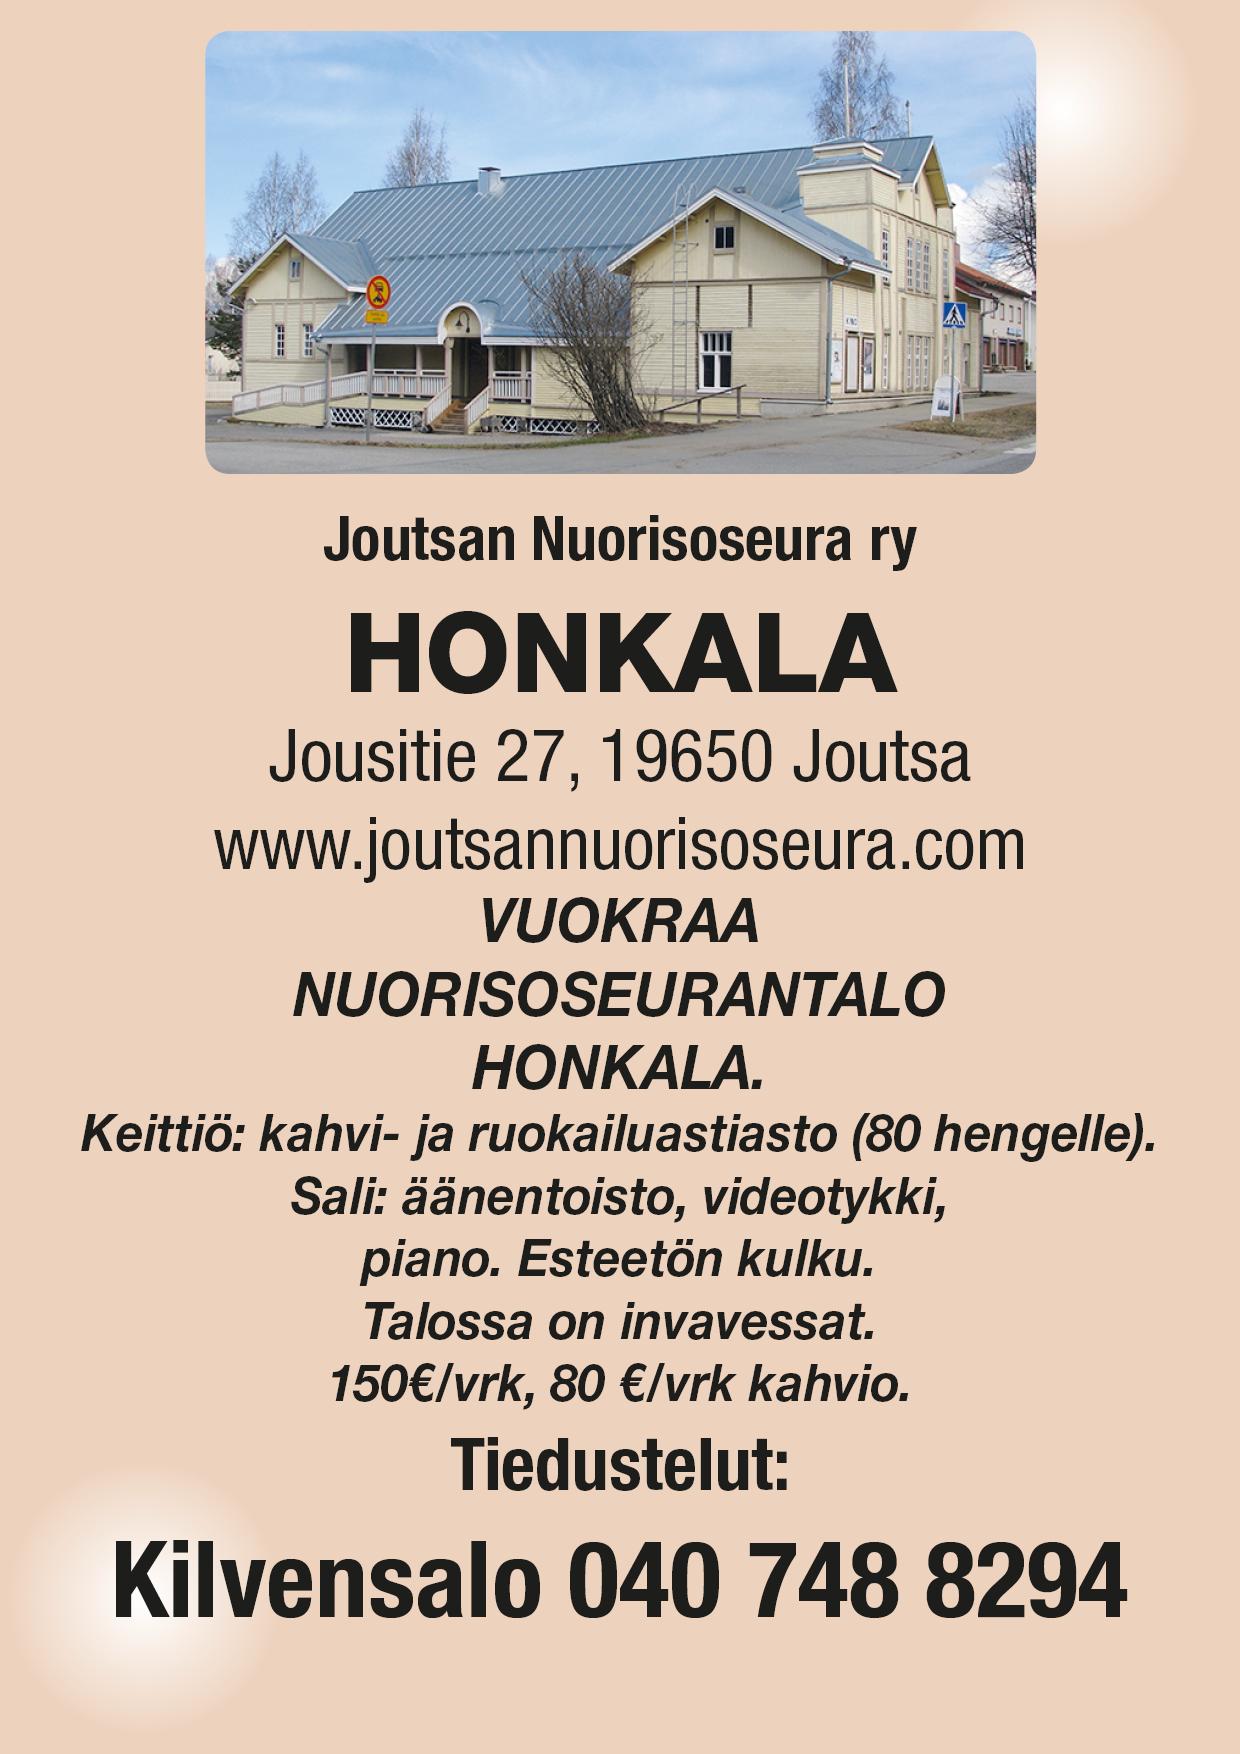 Joutsan Nuorisoseurantalo Honkala